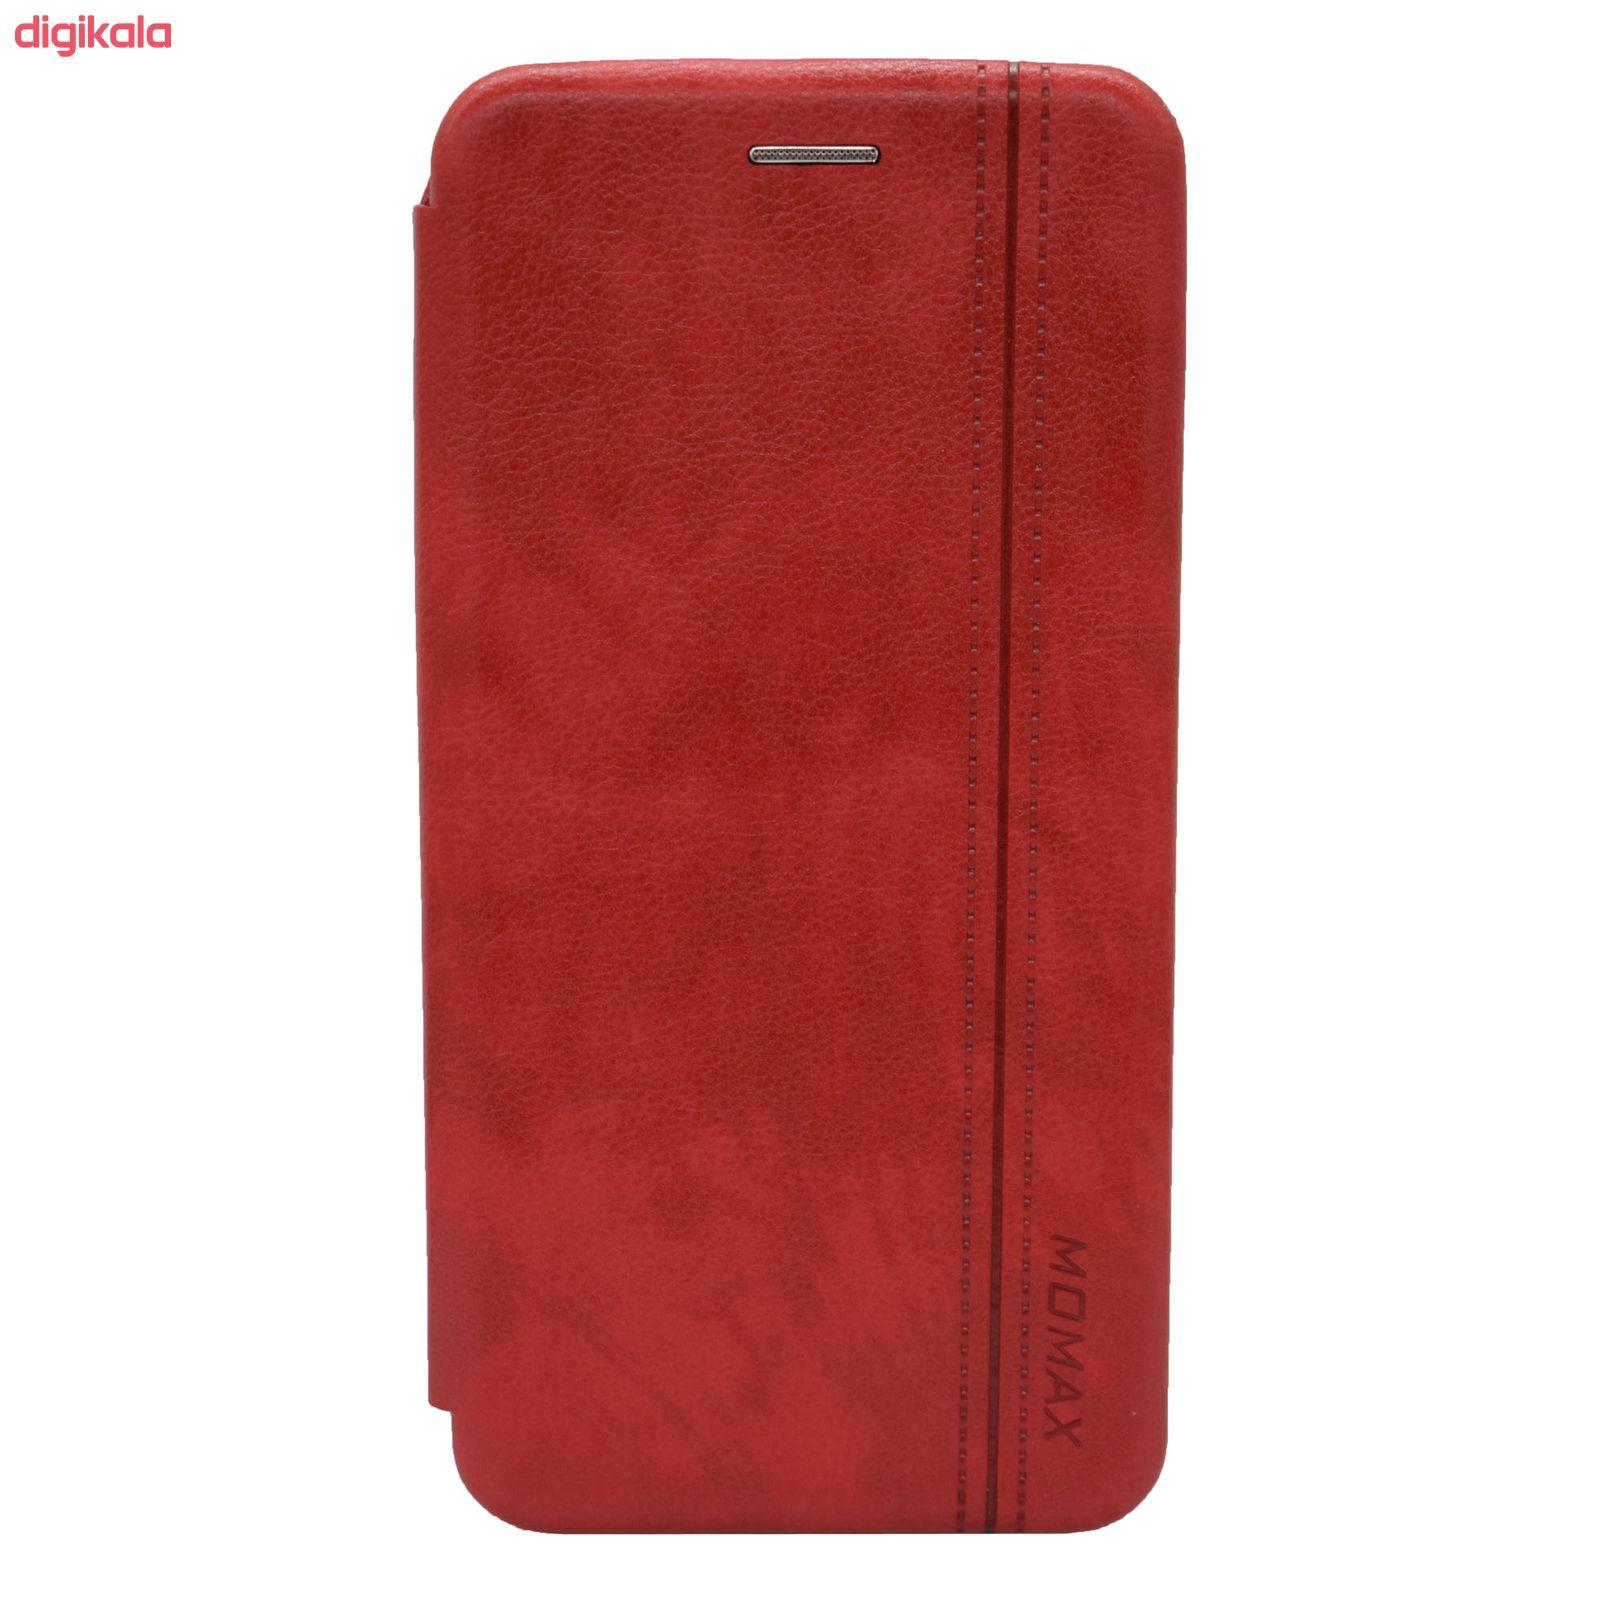 کیف کلاسوری مومکس مدل Mo10 مناسب برای گوشی موبایل هوآوی Y7p 2020 main 1 6